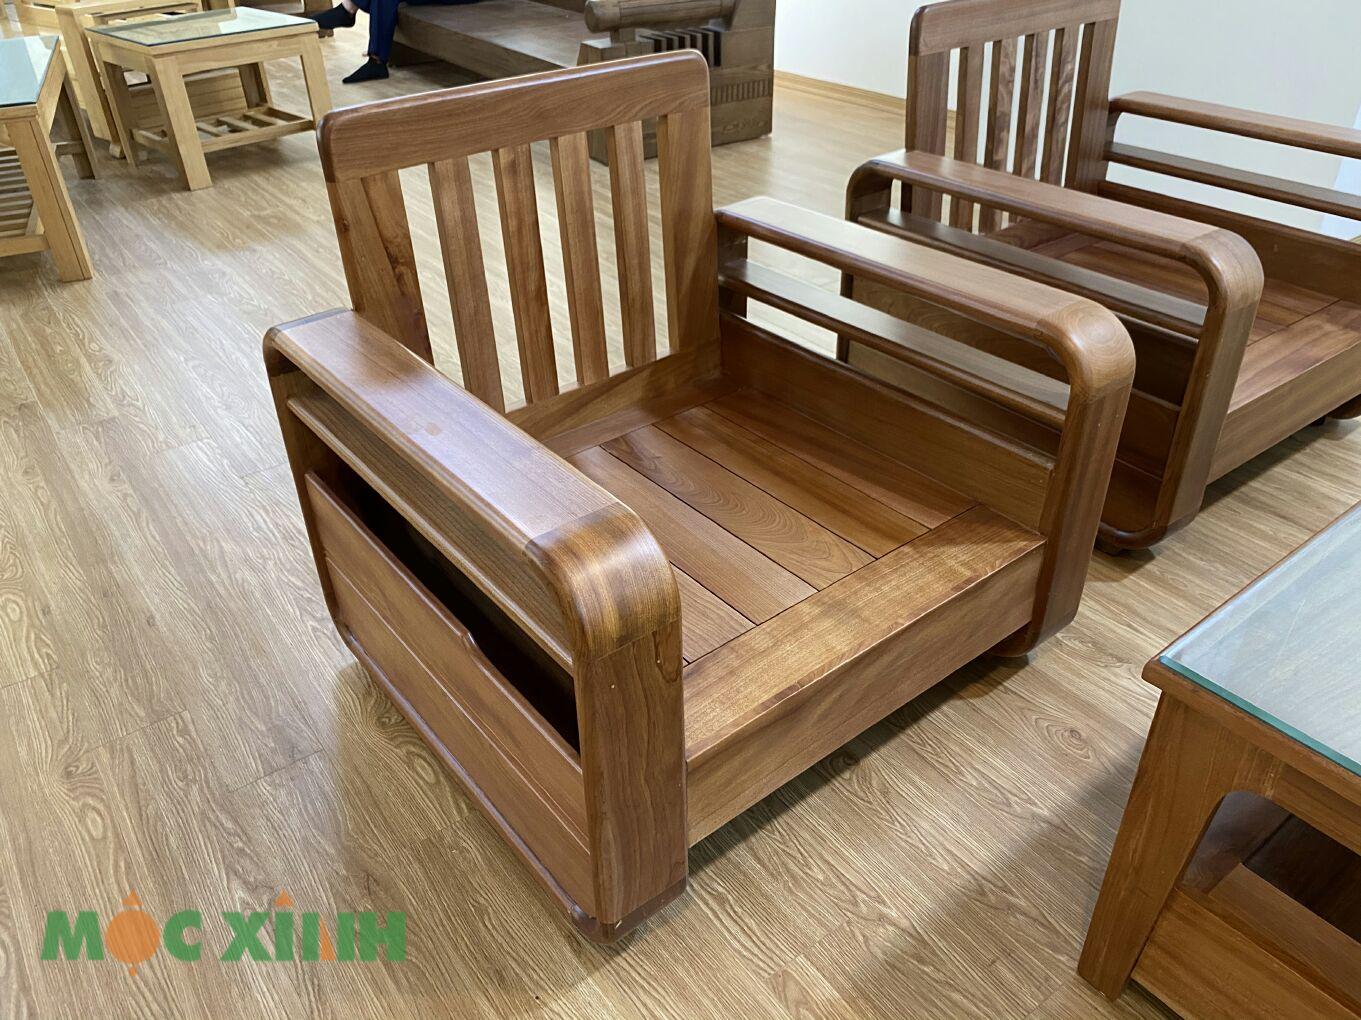 Phần ghế gỗ có thiết kế quen thuộc và đẹp mắt